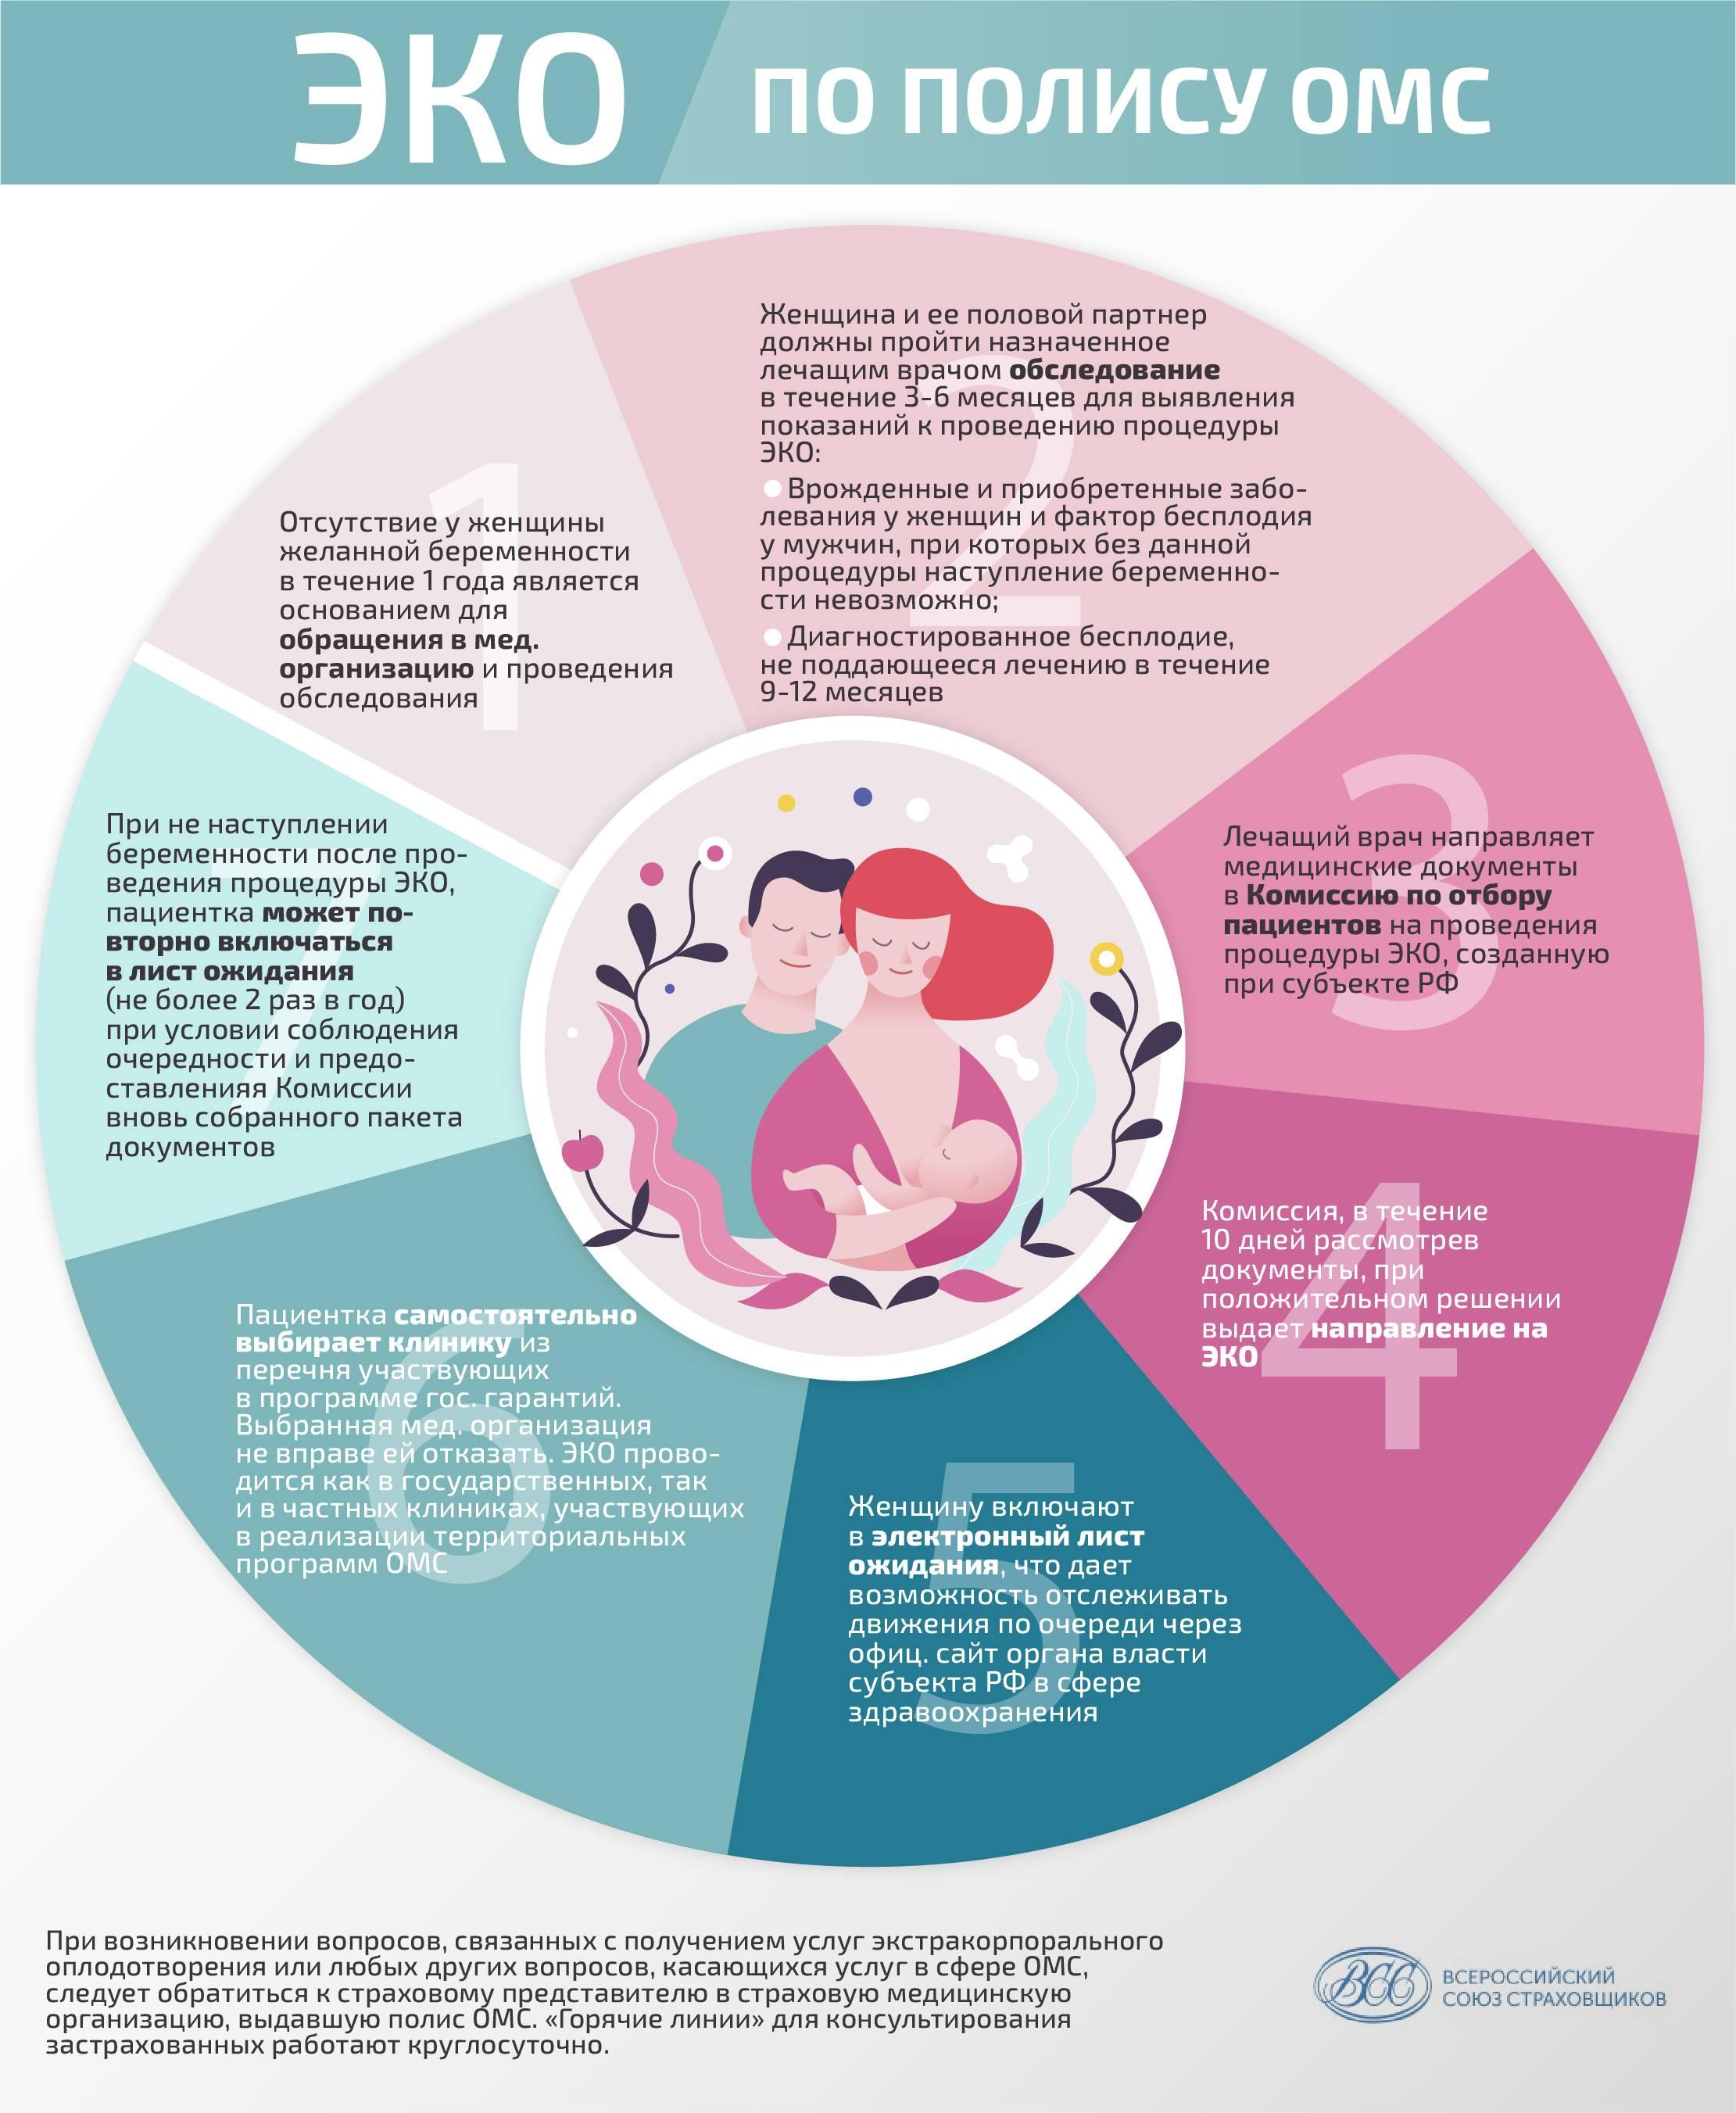 Эко по омс в 2021 году: квоты, клиники и показания